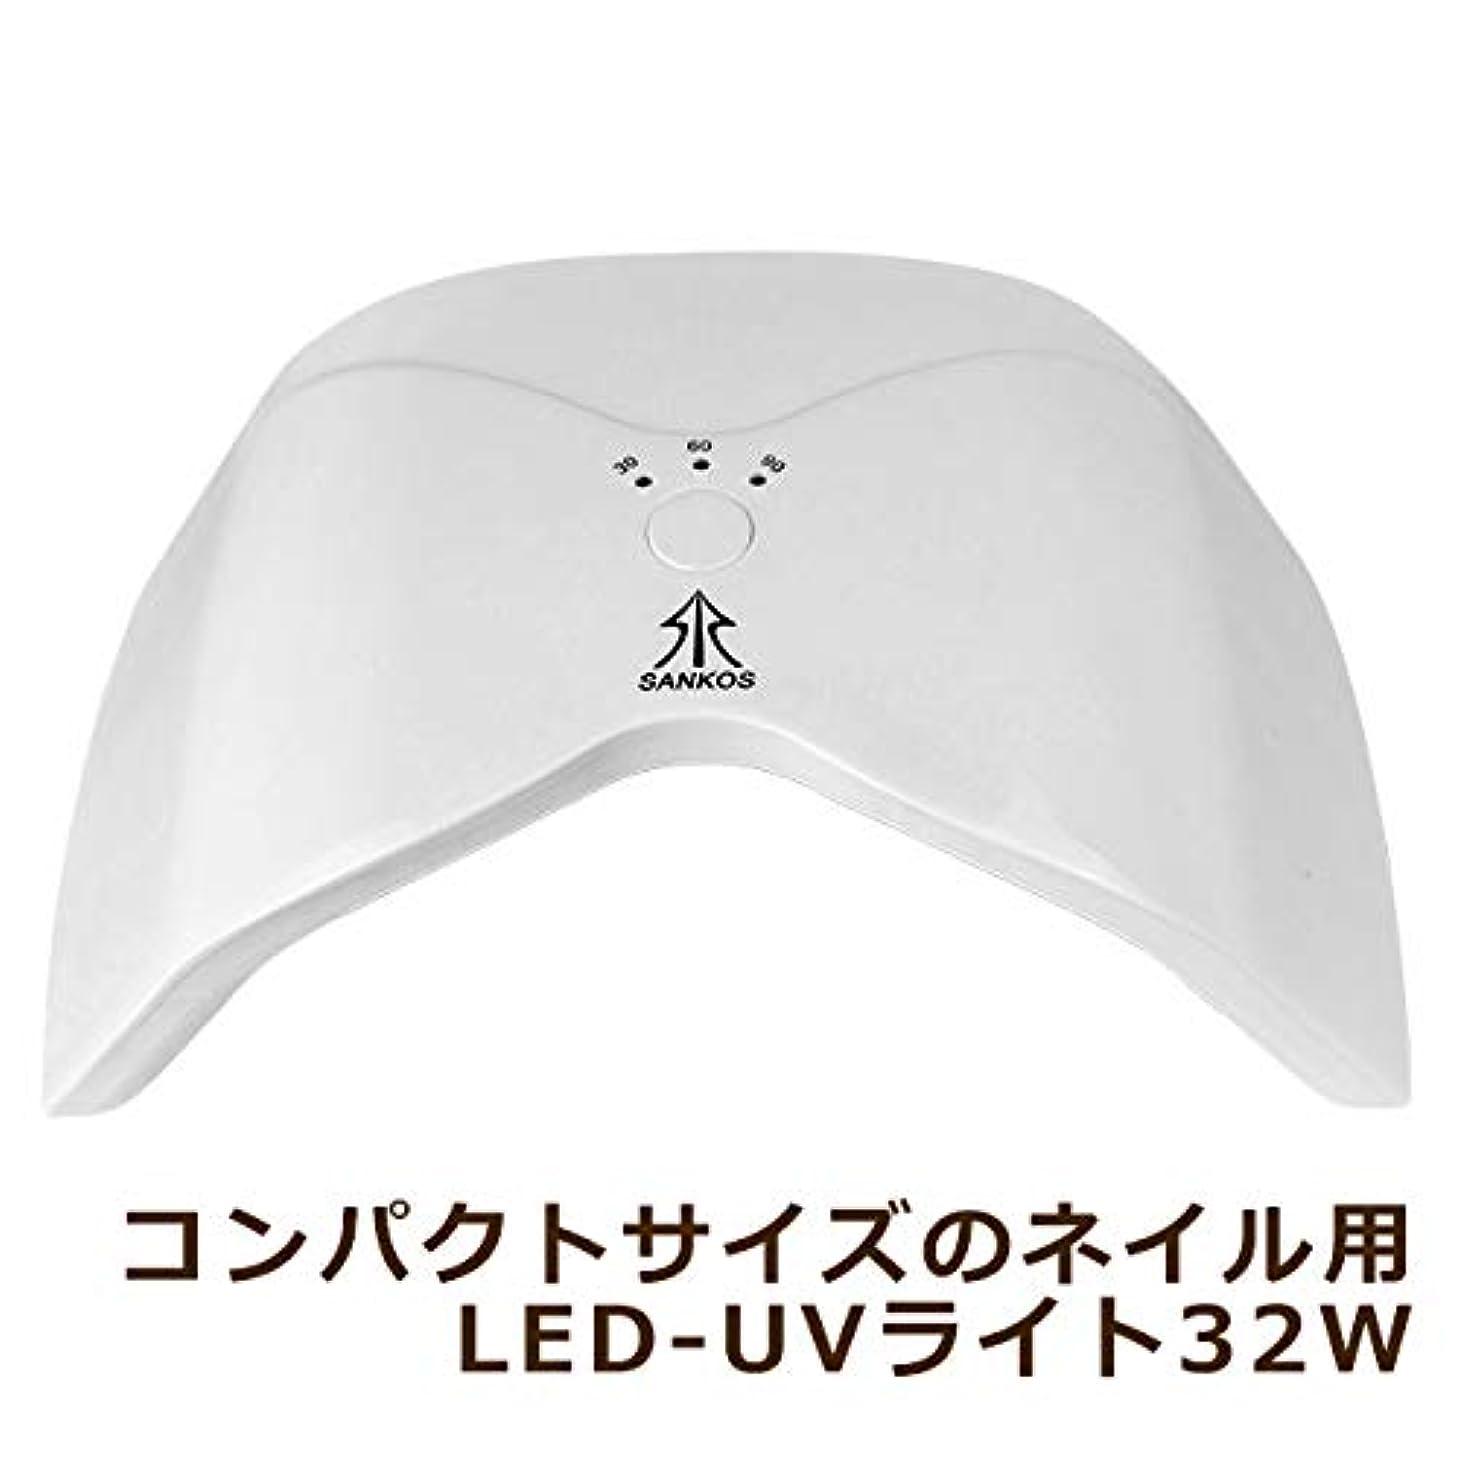 代表マインドフル十分【新入荷】コンパクトサイズ ネイル用 LED-UVライト 32W (LED&UV両方対応)30秒?60秒?90秒タイマー付 (ホワイト)